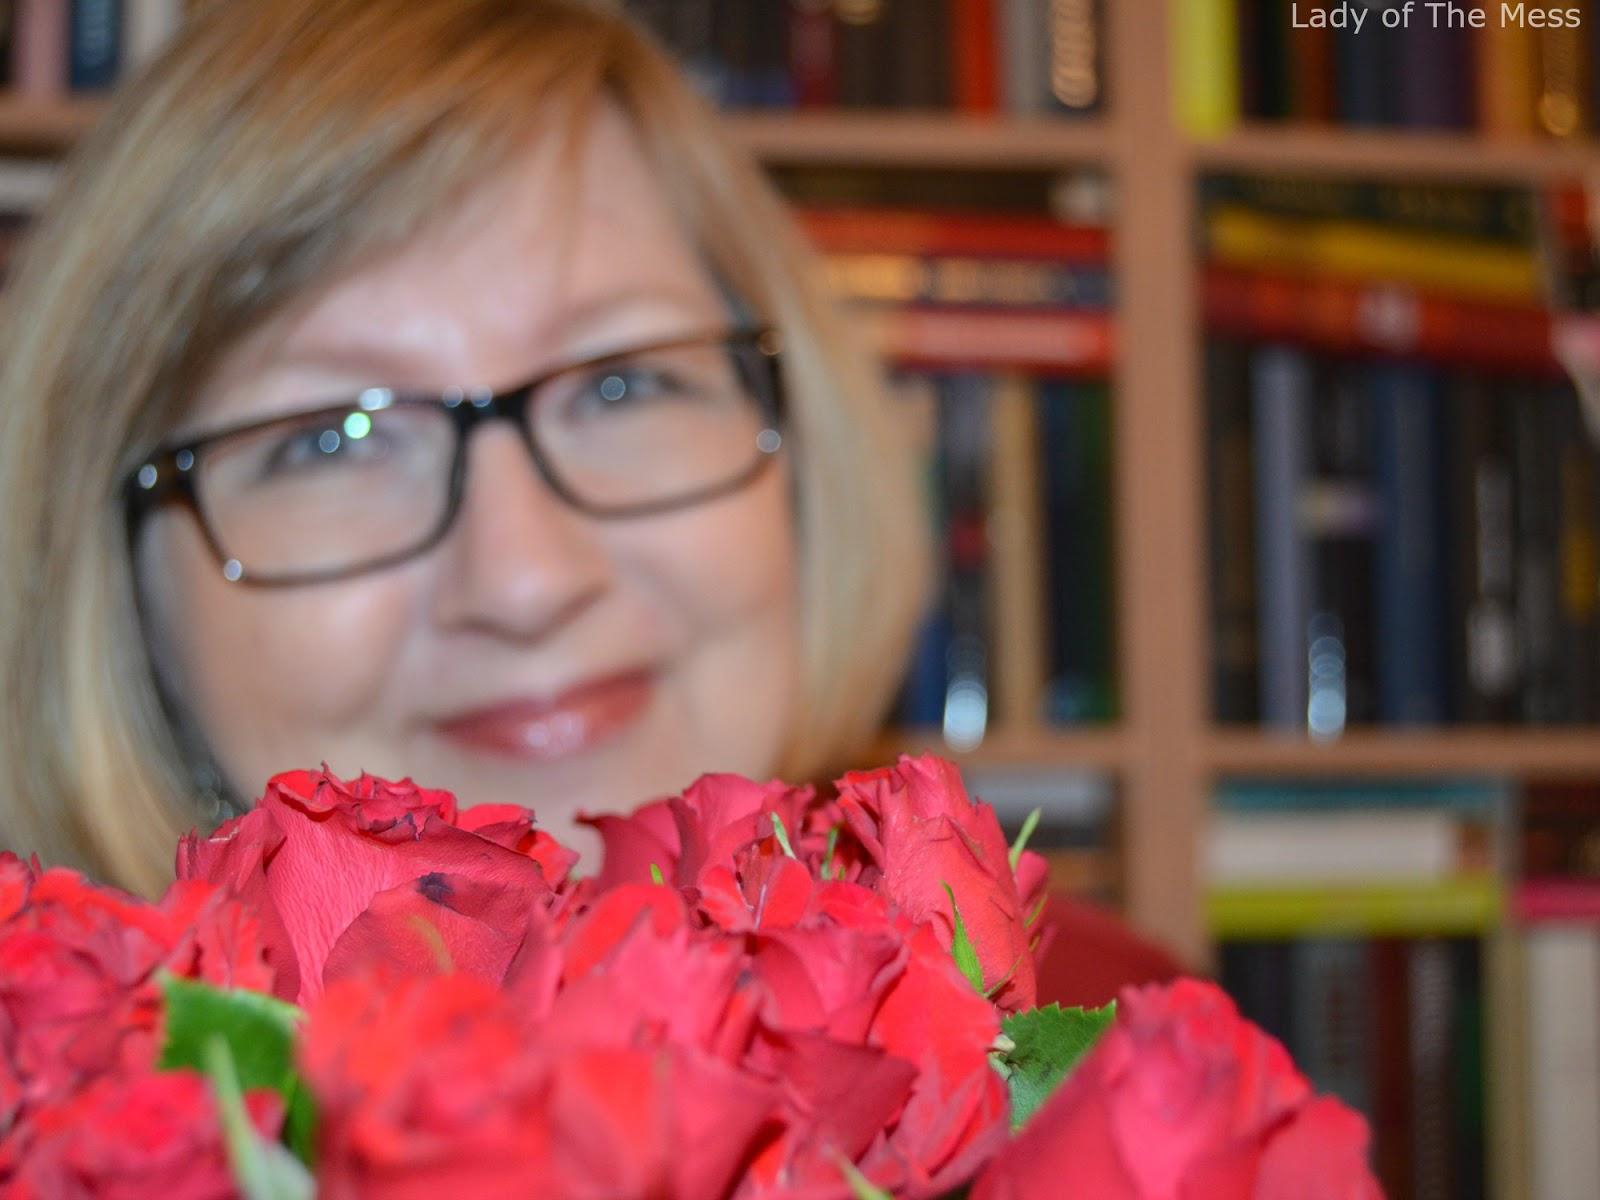 aikuinen nainen, adult woman, ruusut, roses